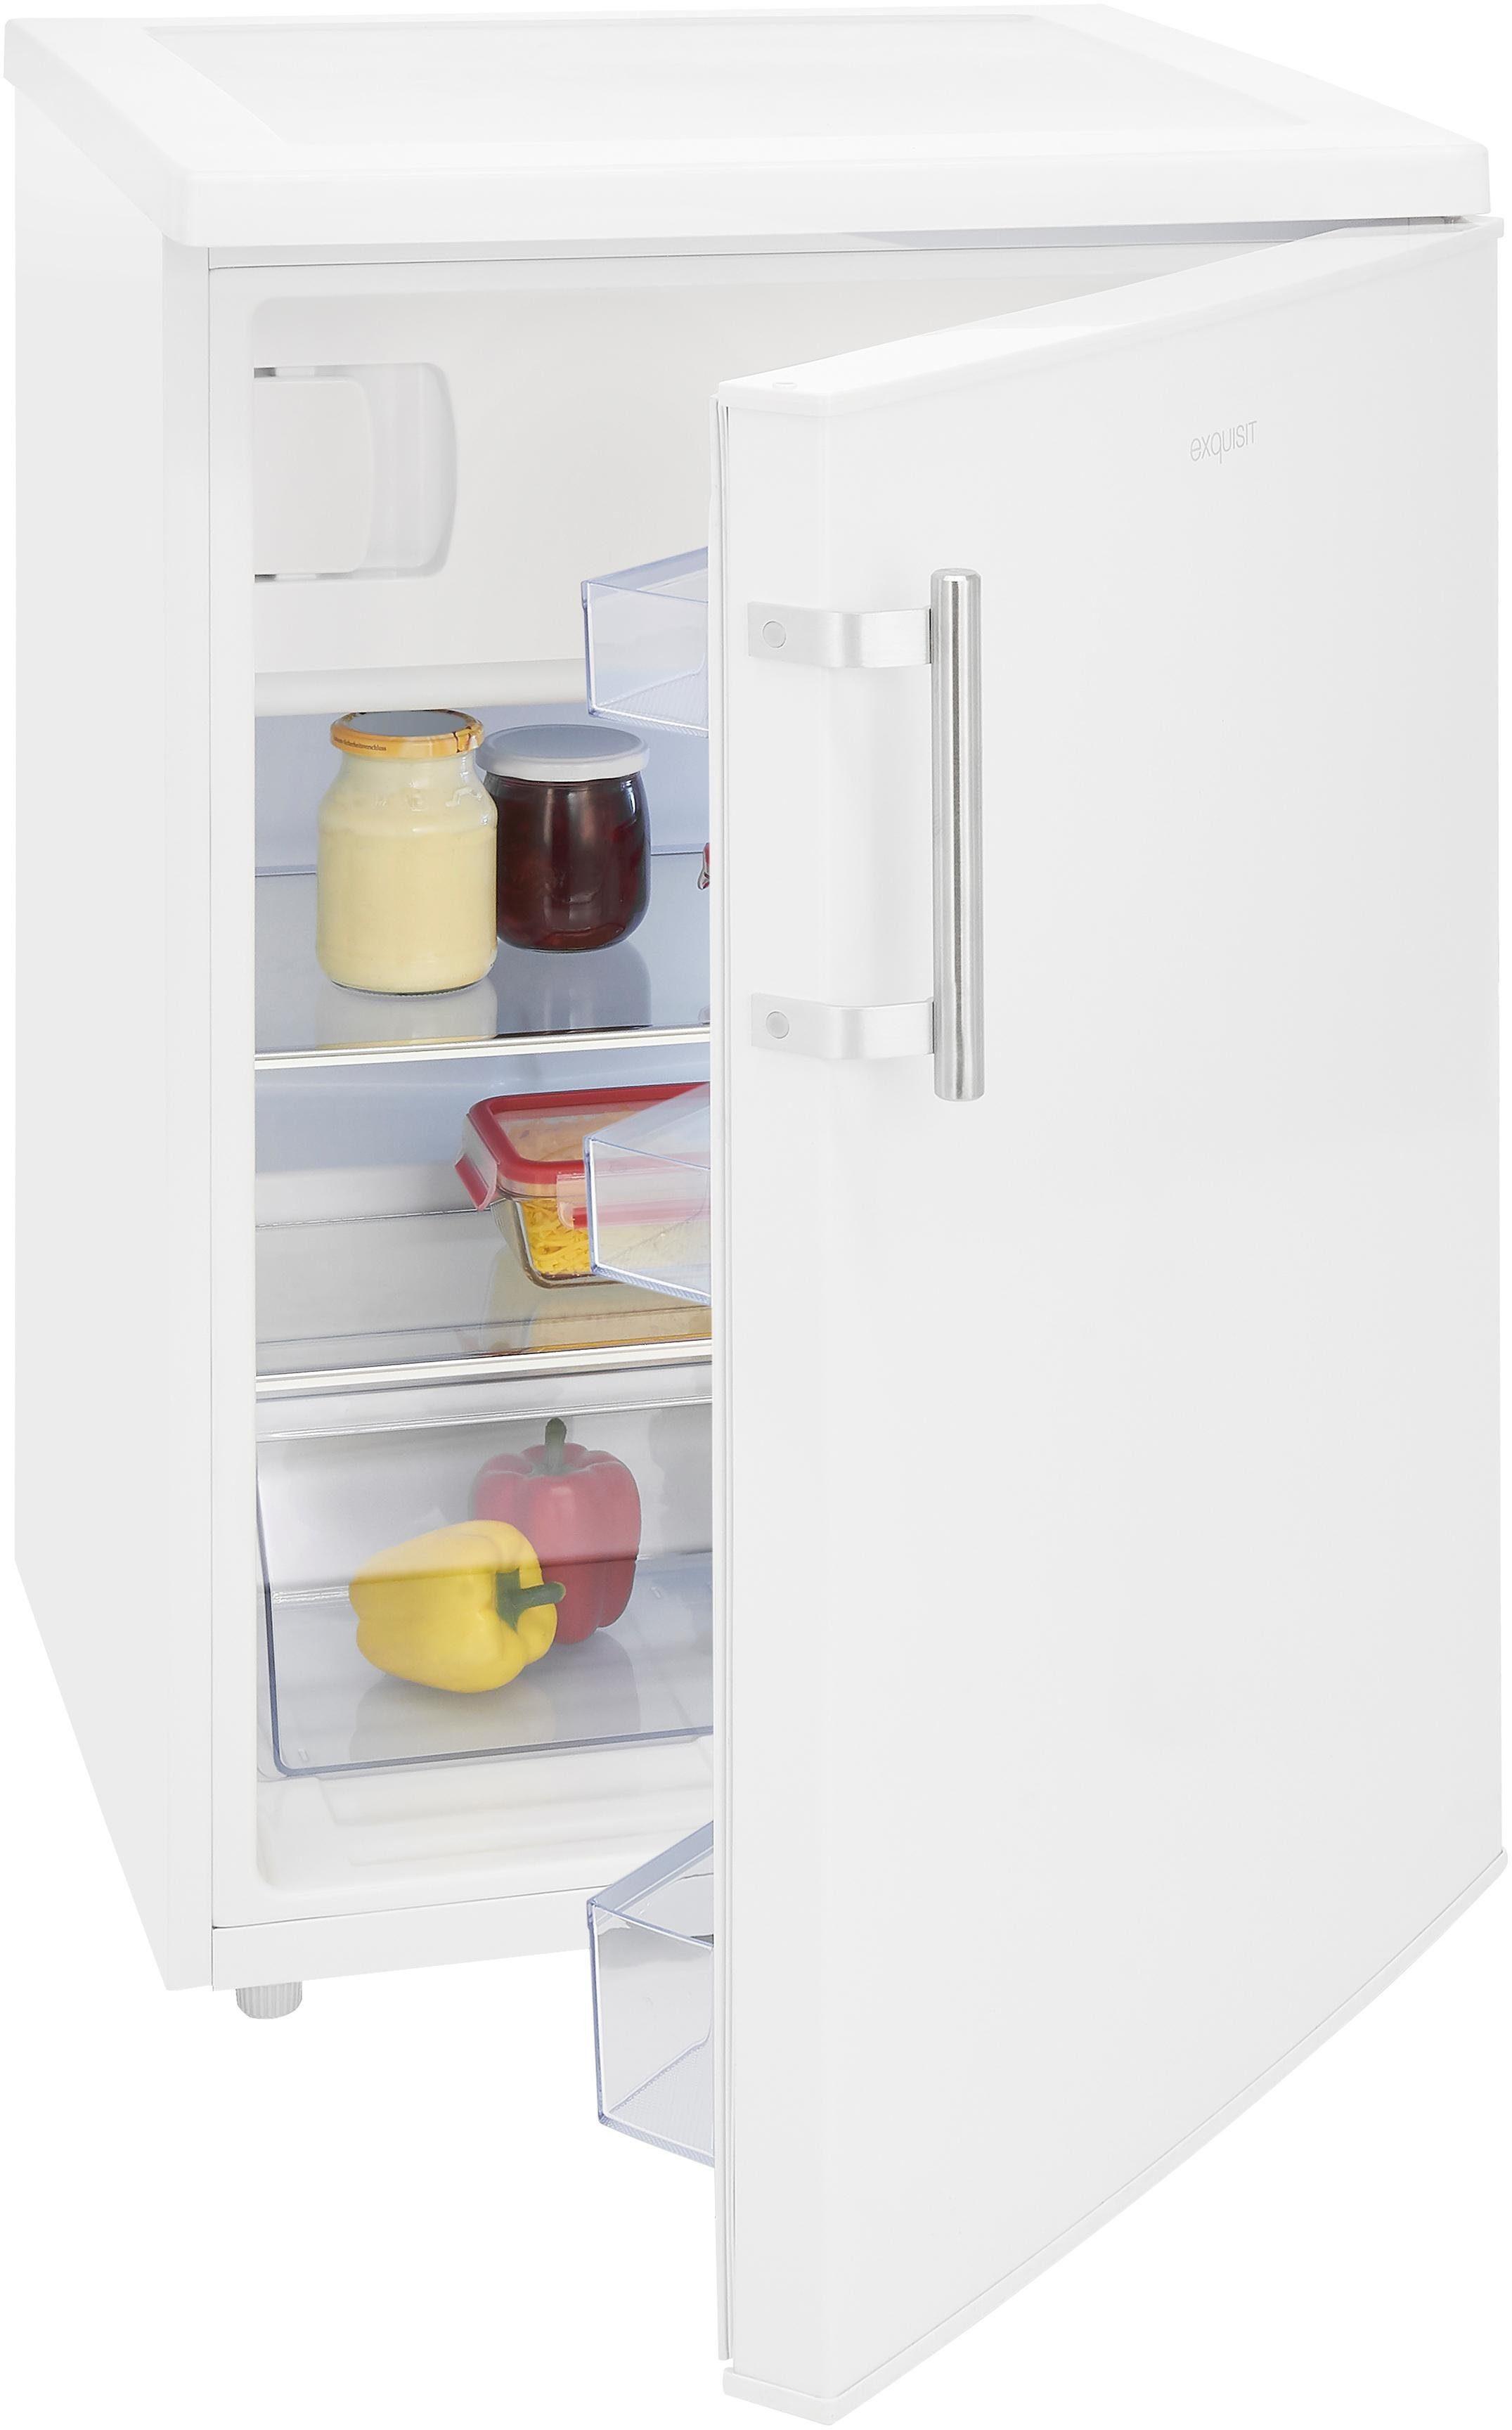 Exquisit Kühlschrank KS18-17A+++, 85 cm hoch, 60 cm breit